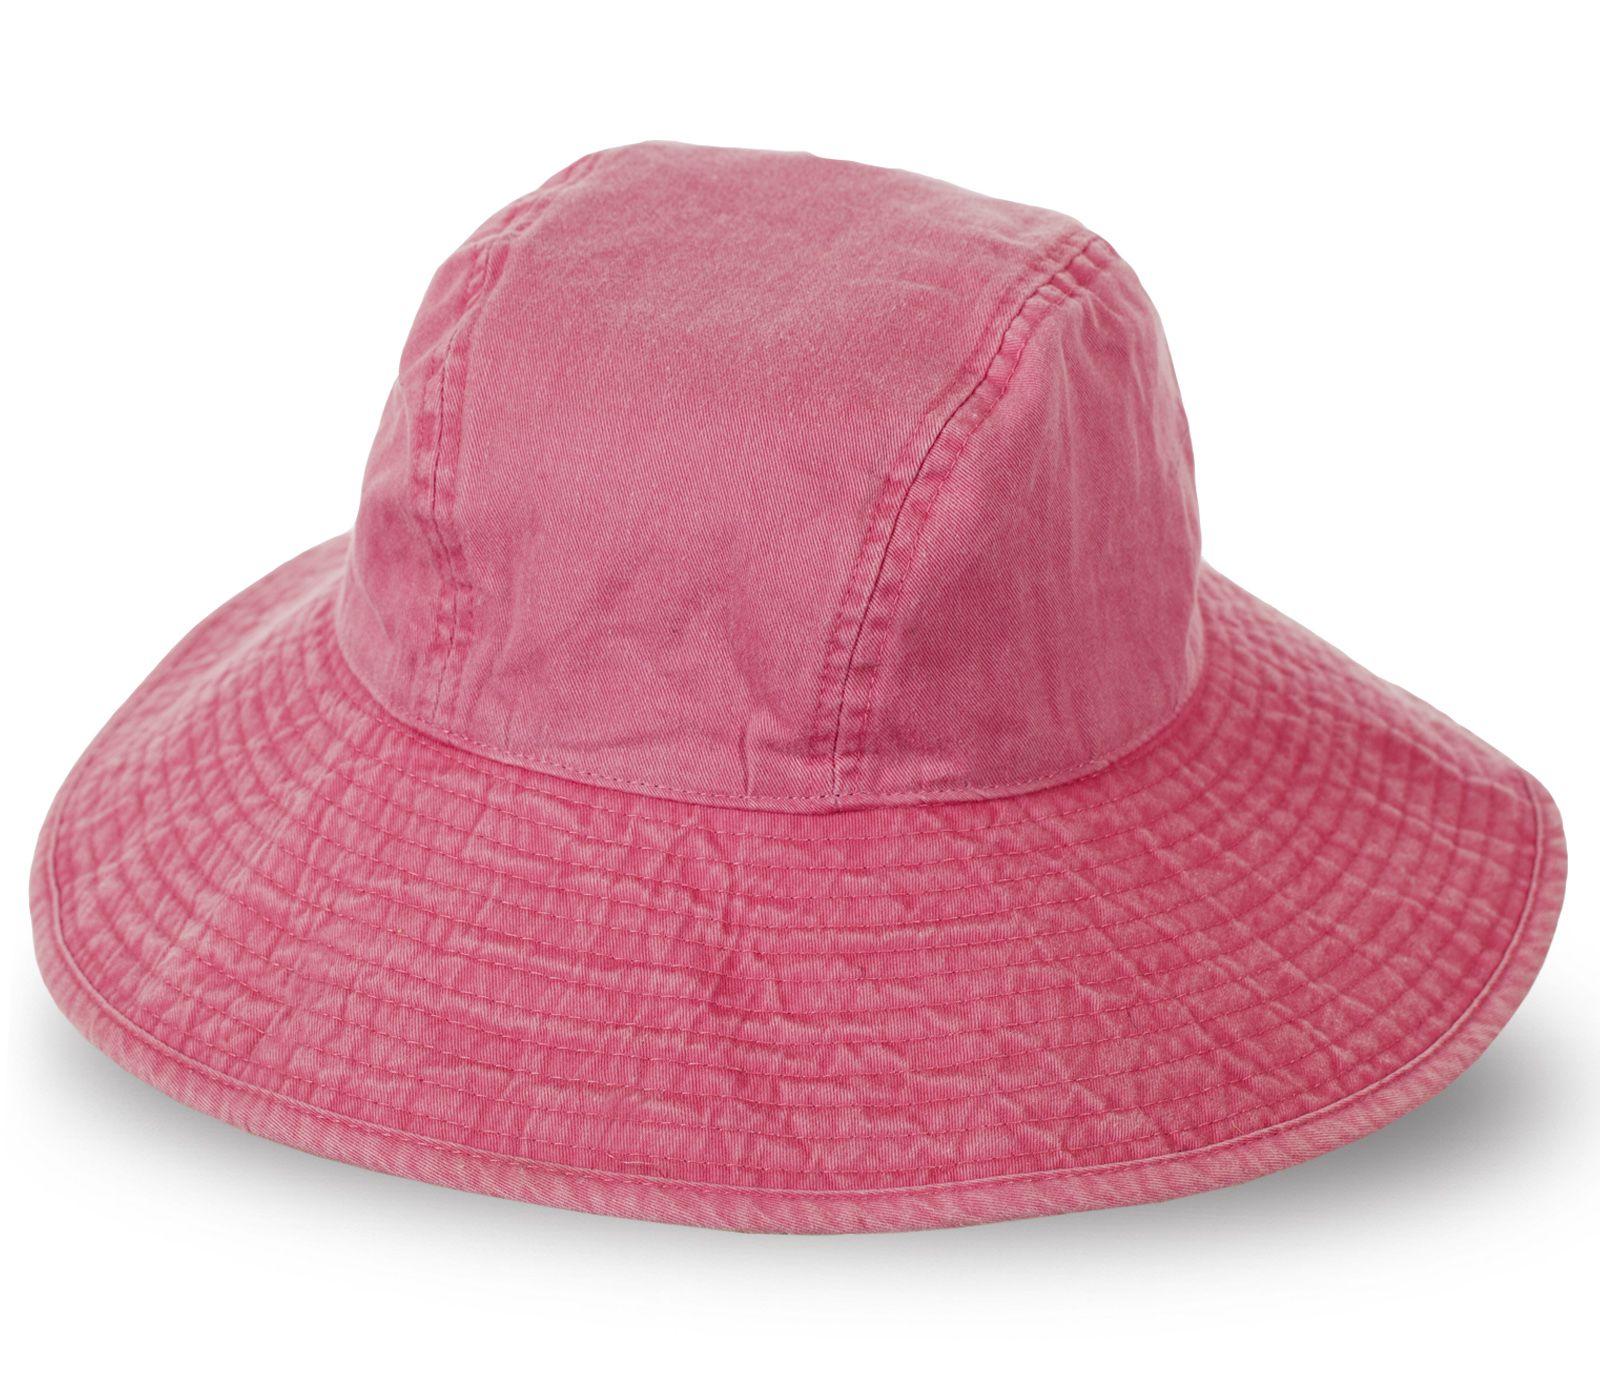 Джинсовая шляпа панама розового цвета с широкими полями